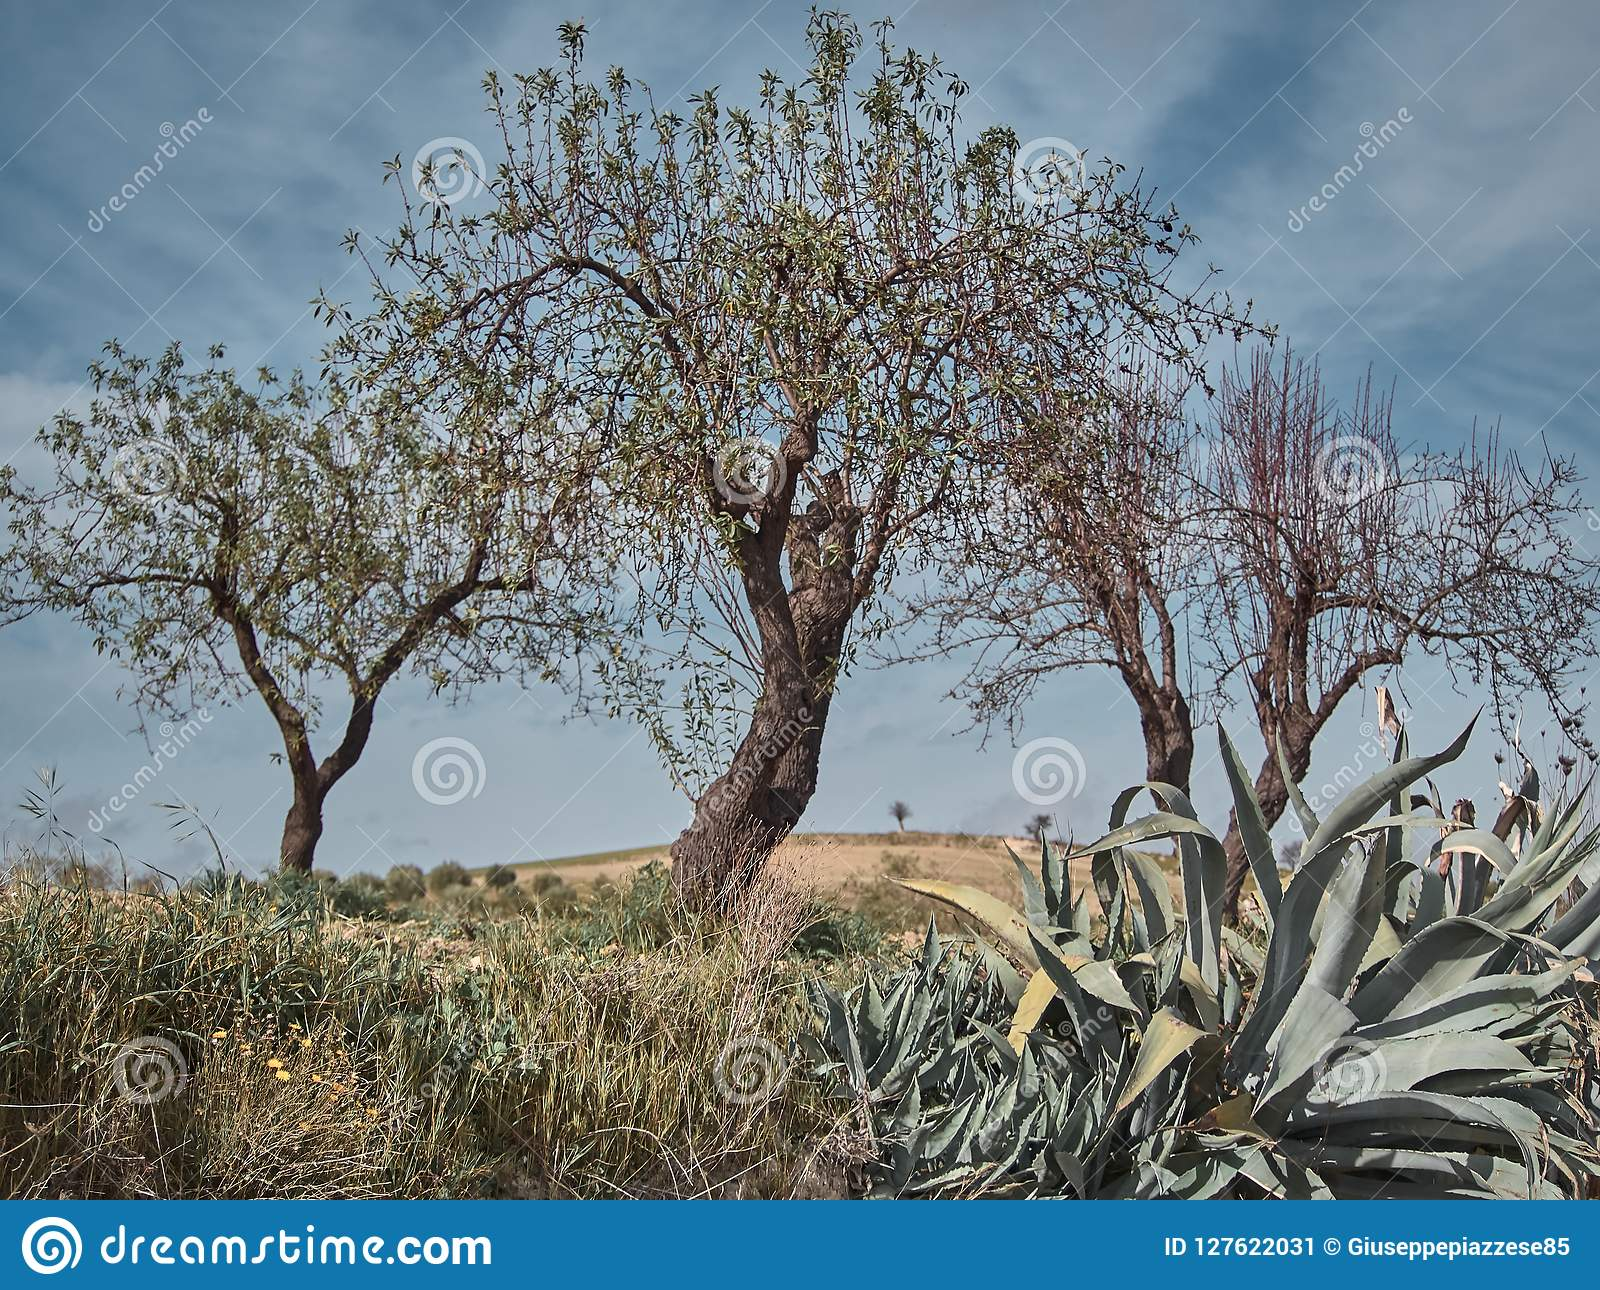 Sparato di un ambiente rurale con di olivi